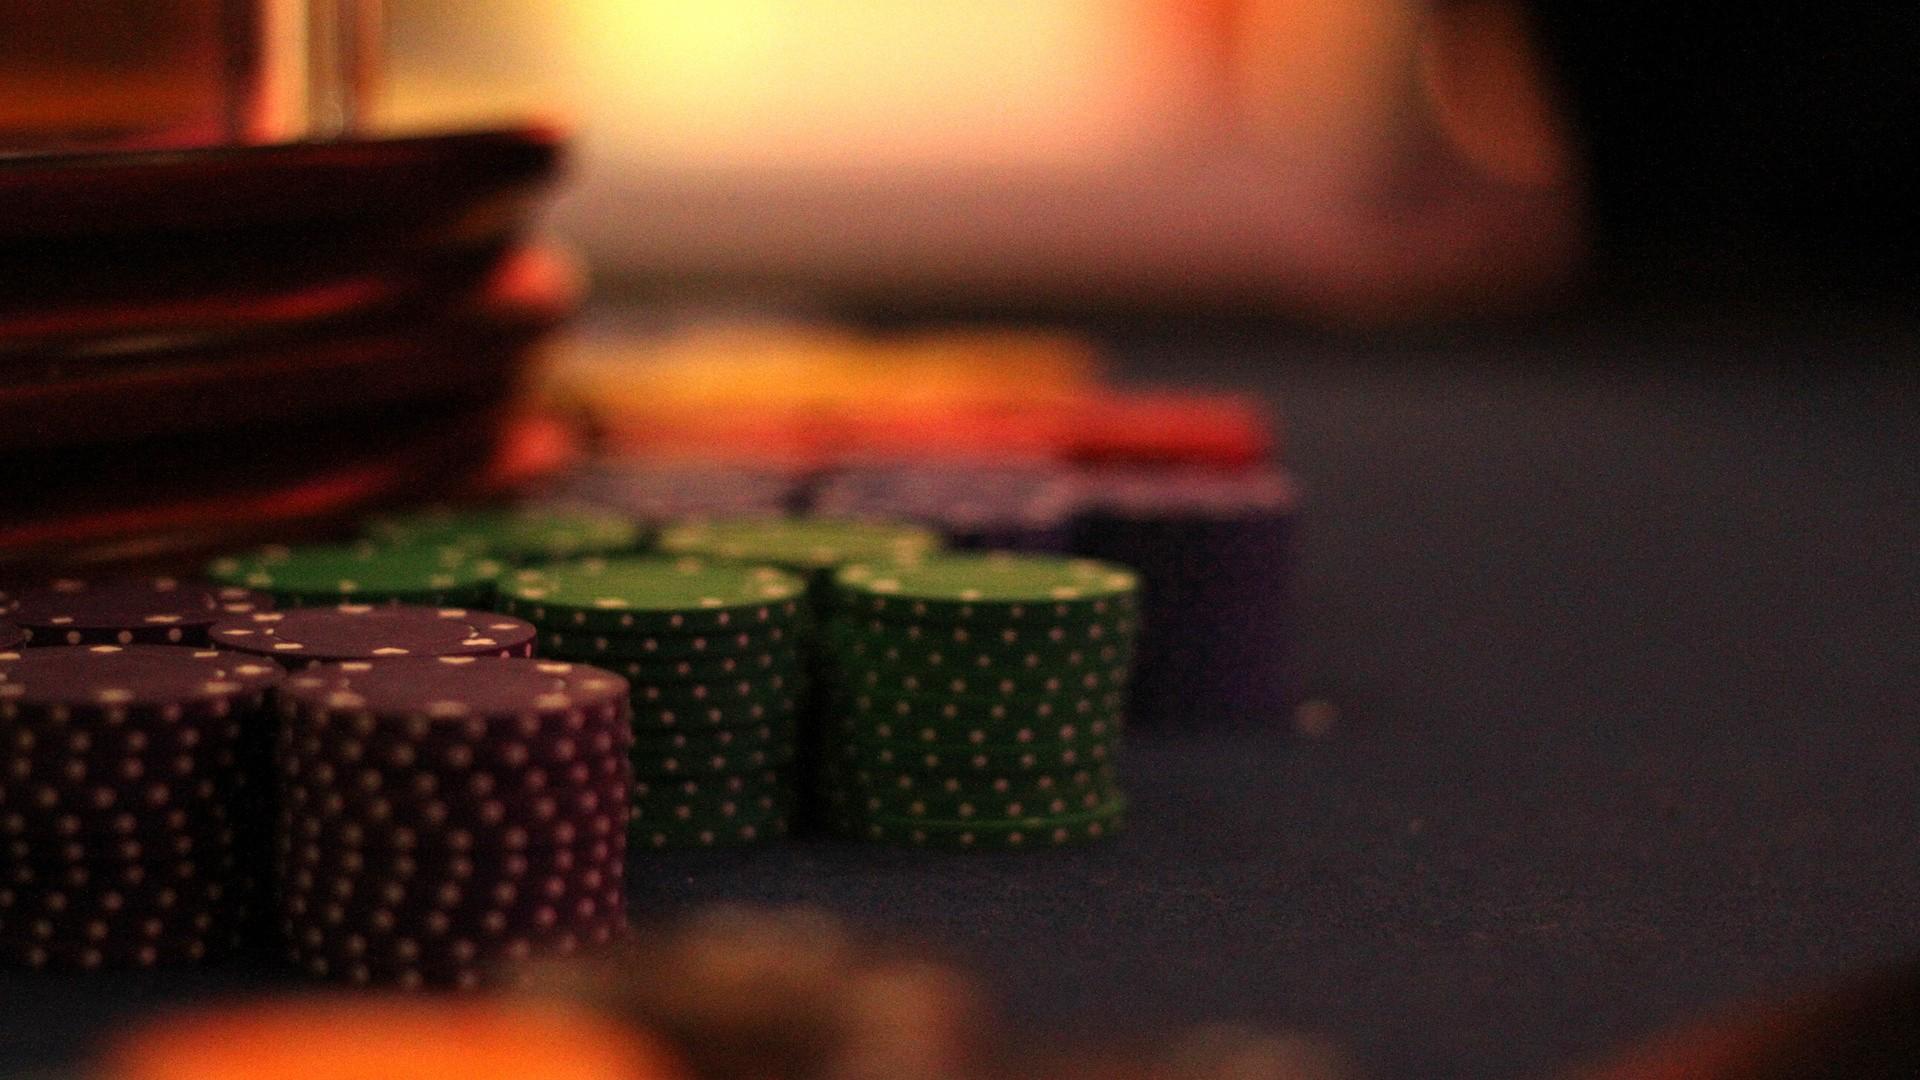 Poker Wallpaper Image